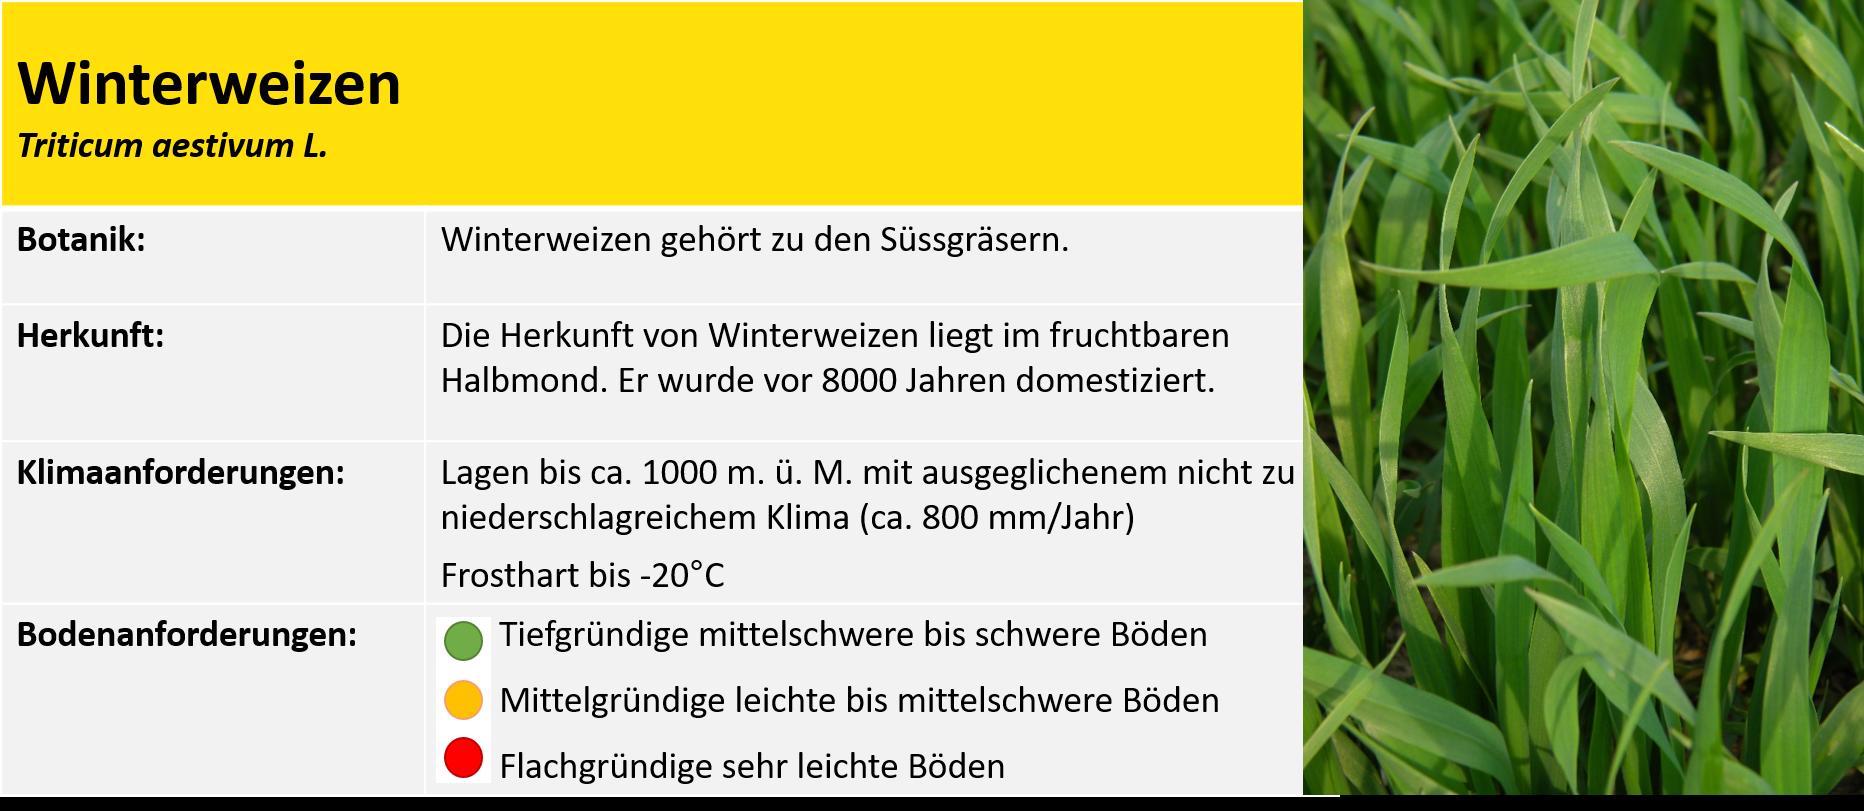 Allgemeine Infos Weizen